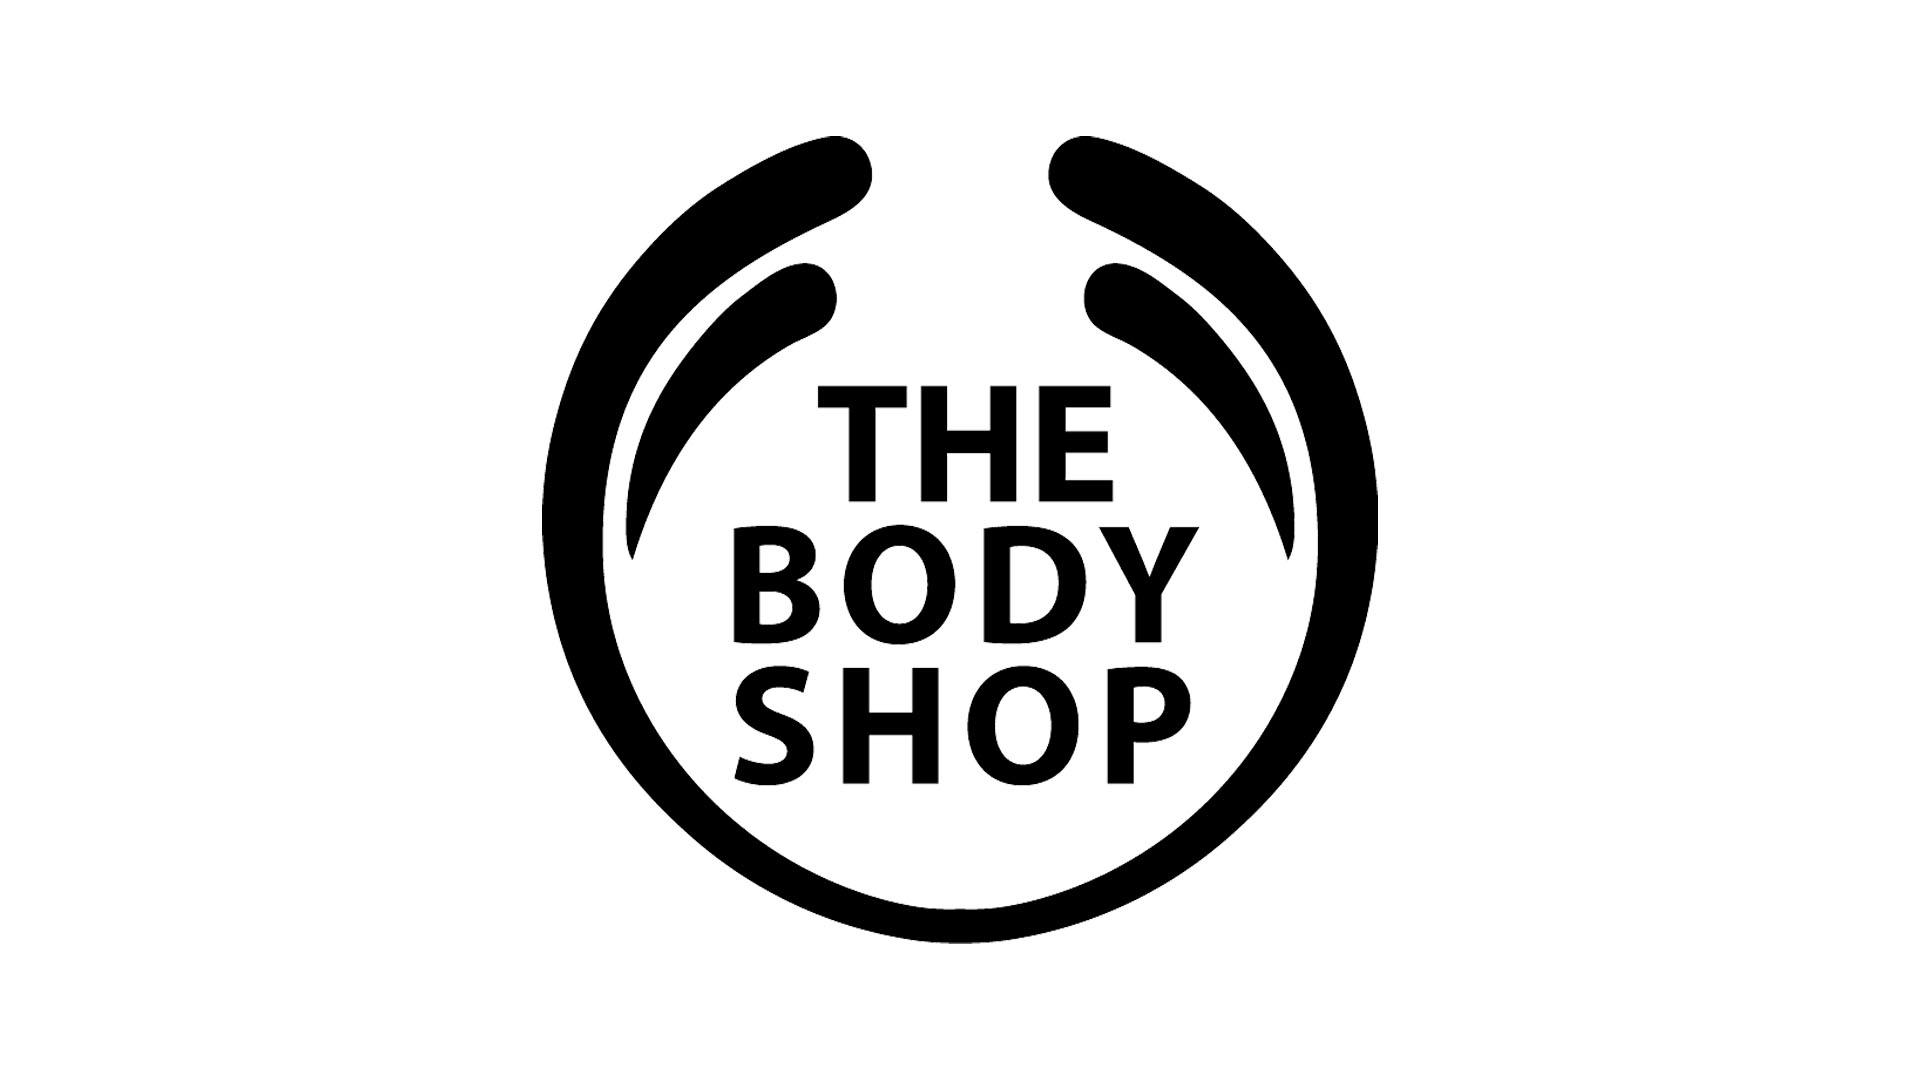 Сеть фирменных магазинов натуральной косметики The Body Shop